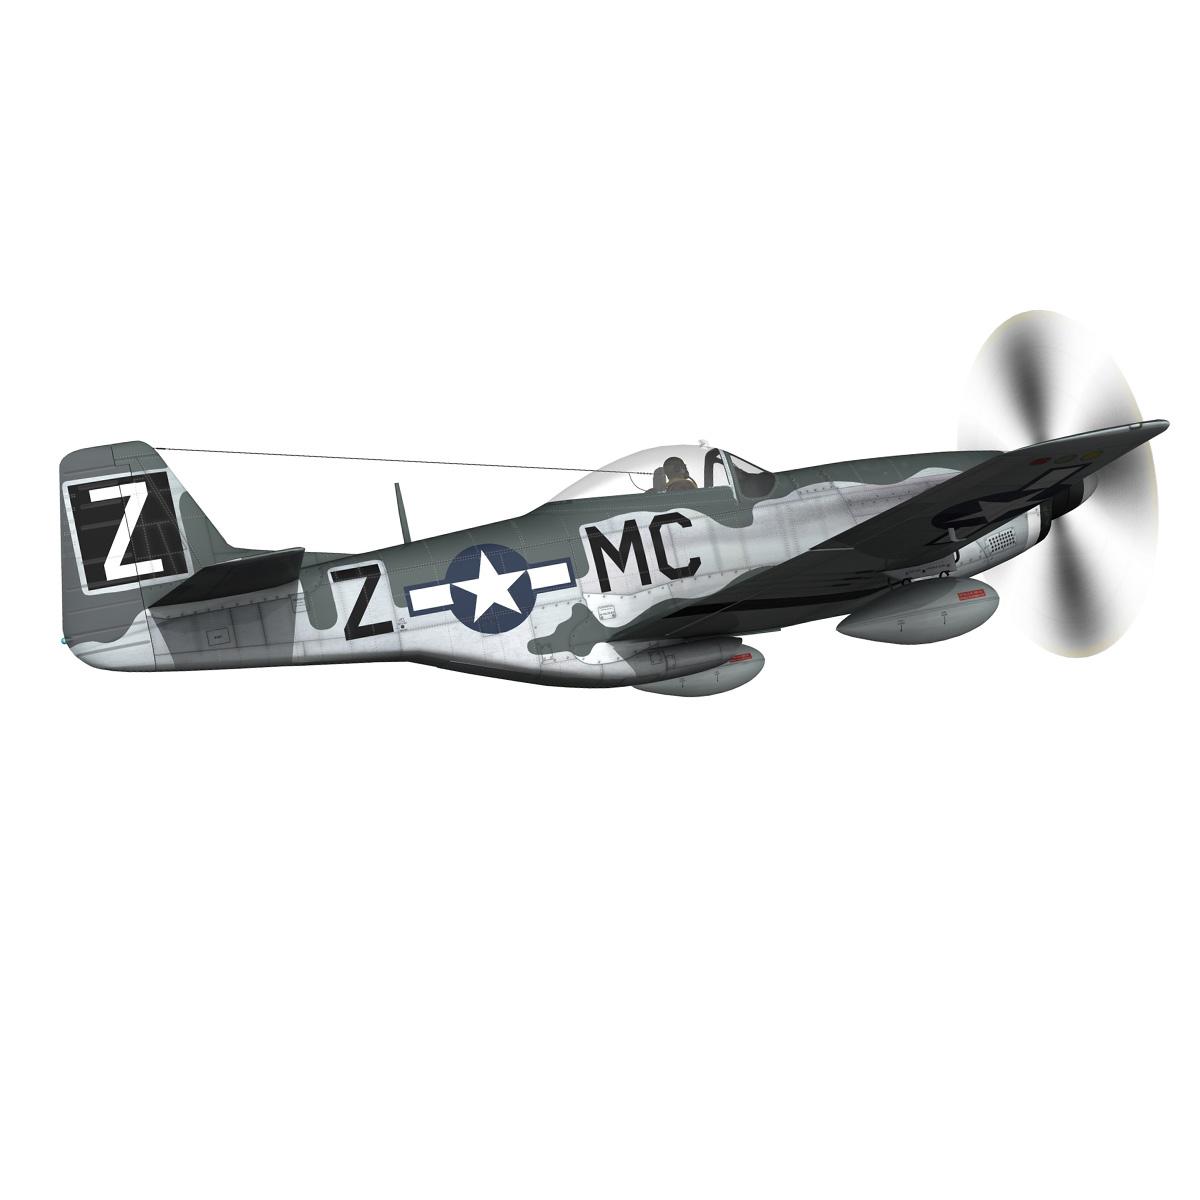 north american p-51d mustang – glengary guy 3d model fbx c4d lwo obj 267521